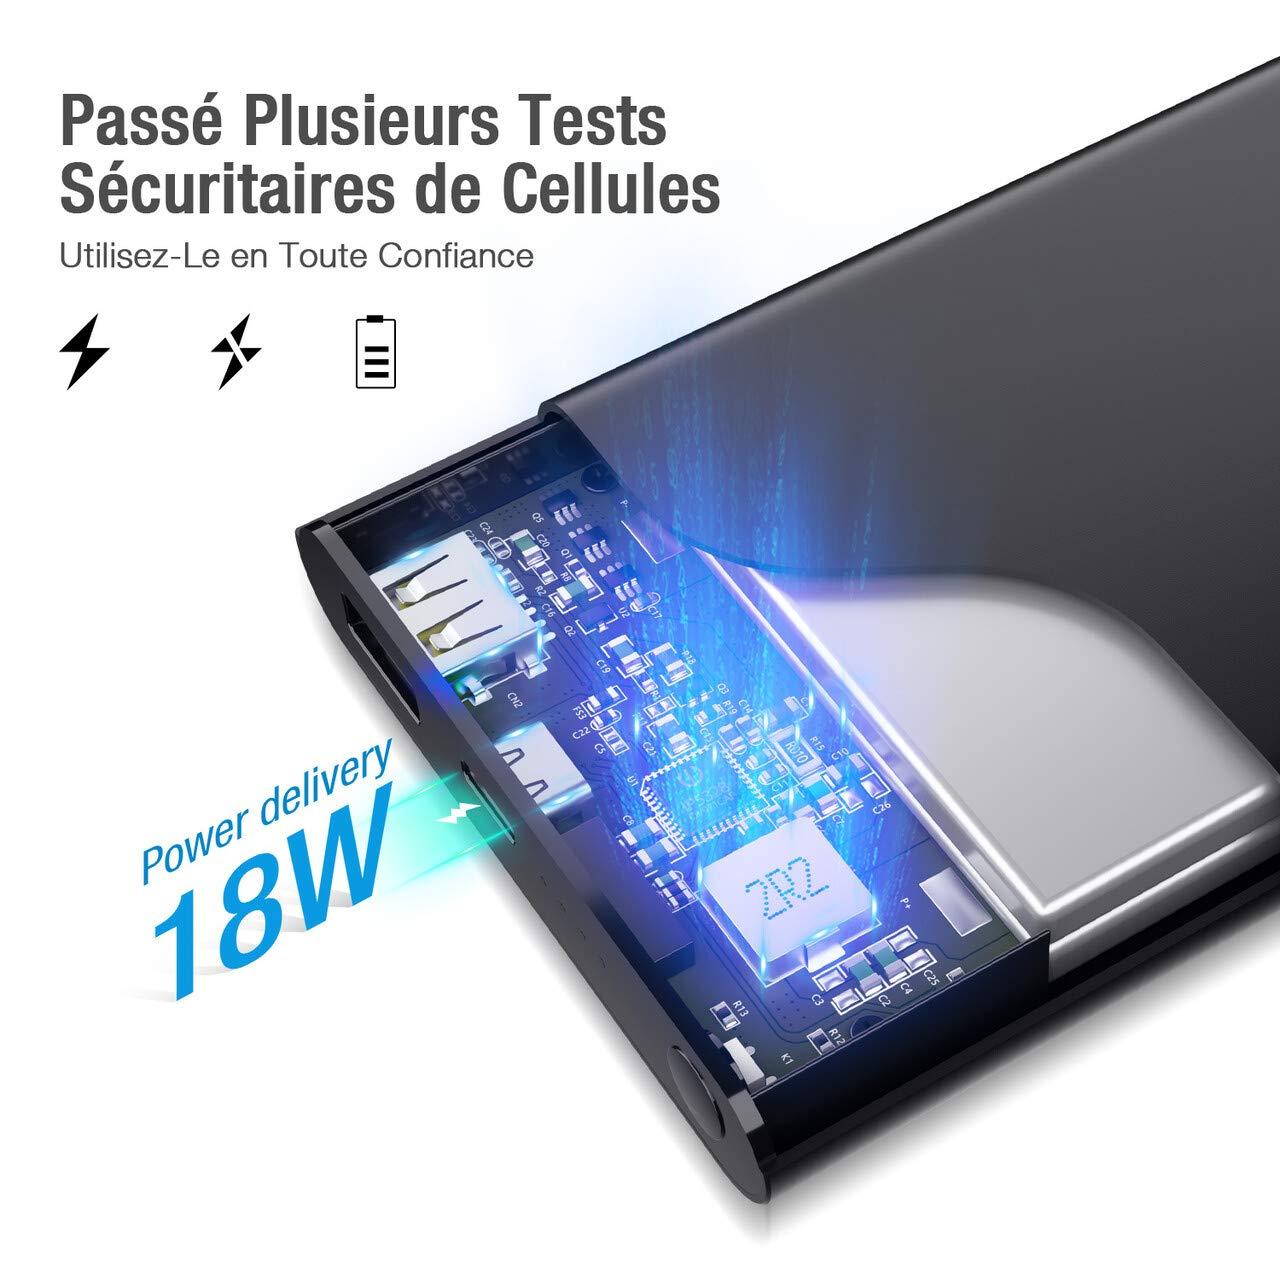 POWERADD Pilot 2GS Pro Batterie Externe PD 18W 10000mAh Charge Rapide avec USB Type C Entrée et Sortie Ultra Mince à 15mm Chargeur Portable pour Huawei, PC, Samsung, Wiko, etc.